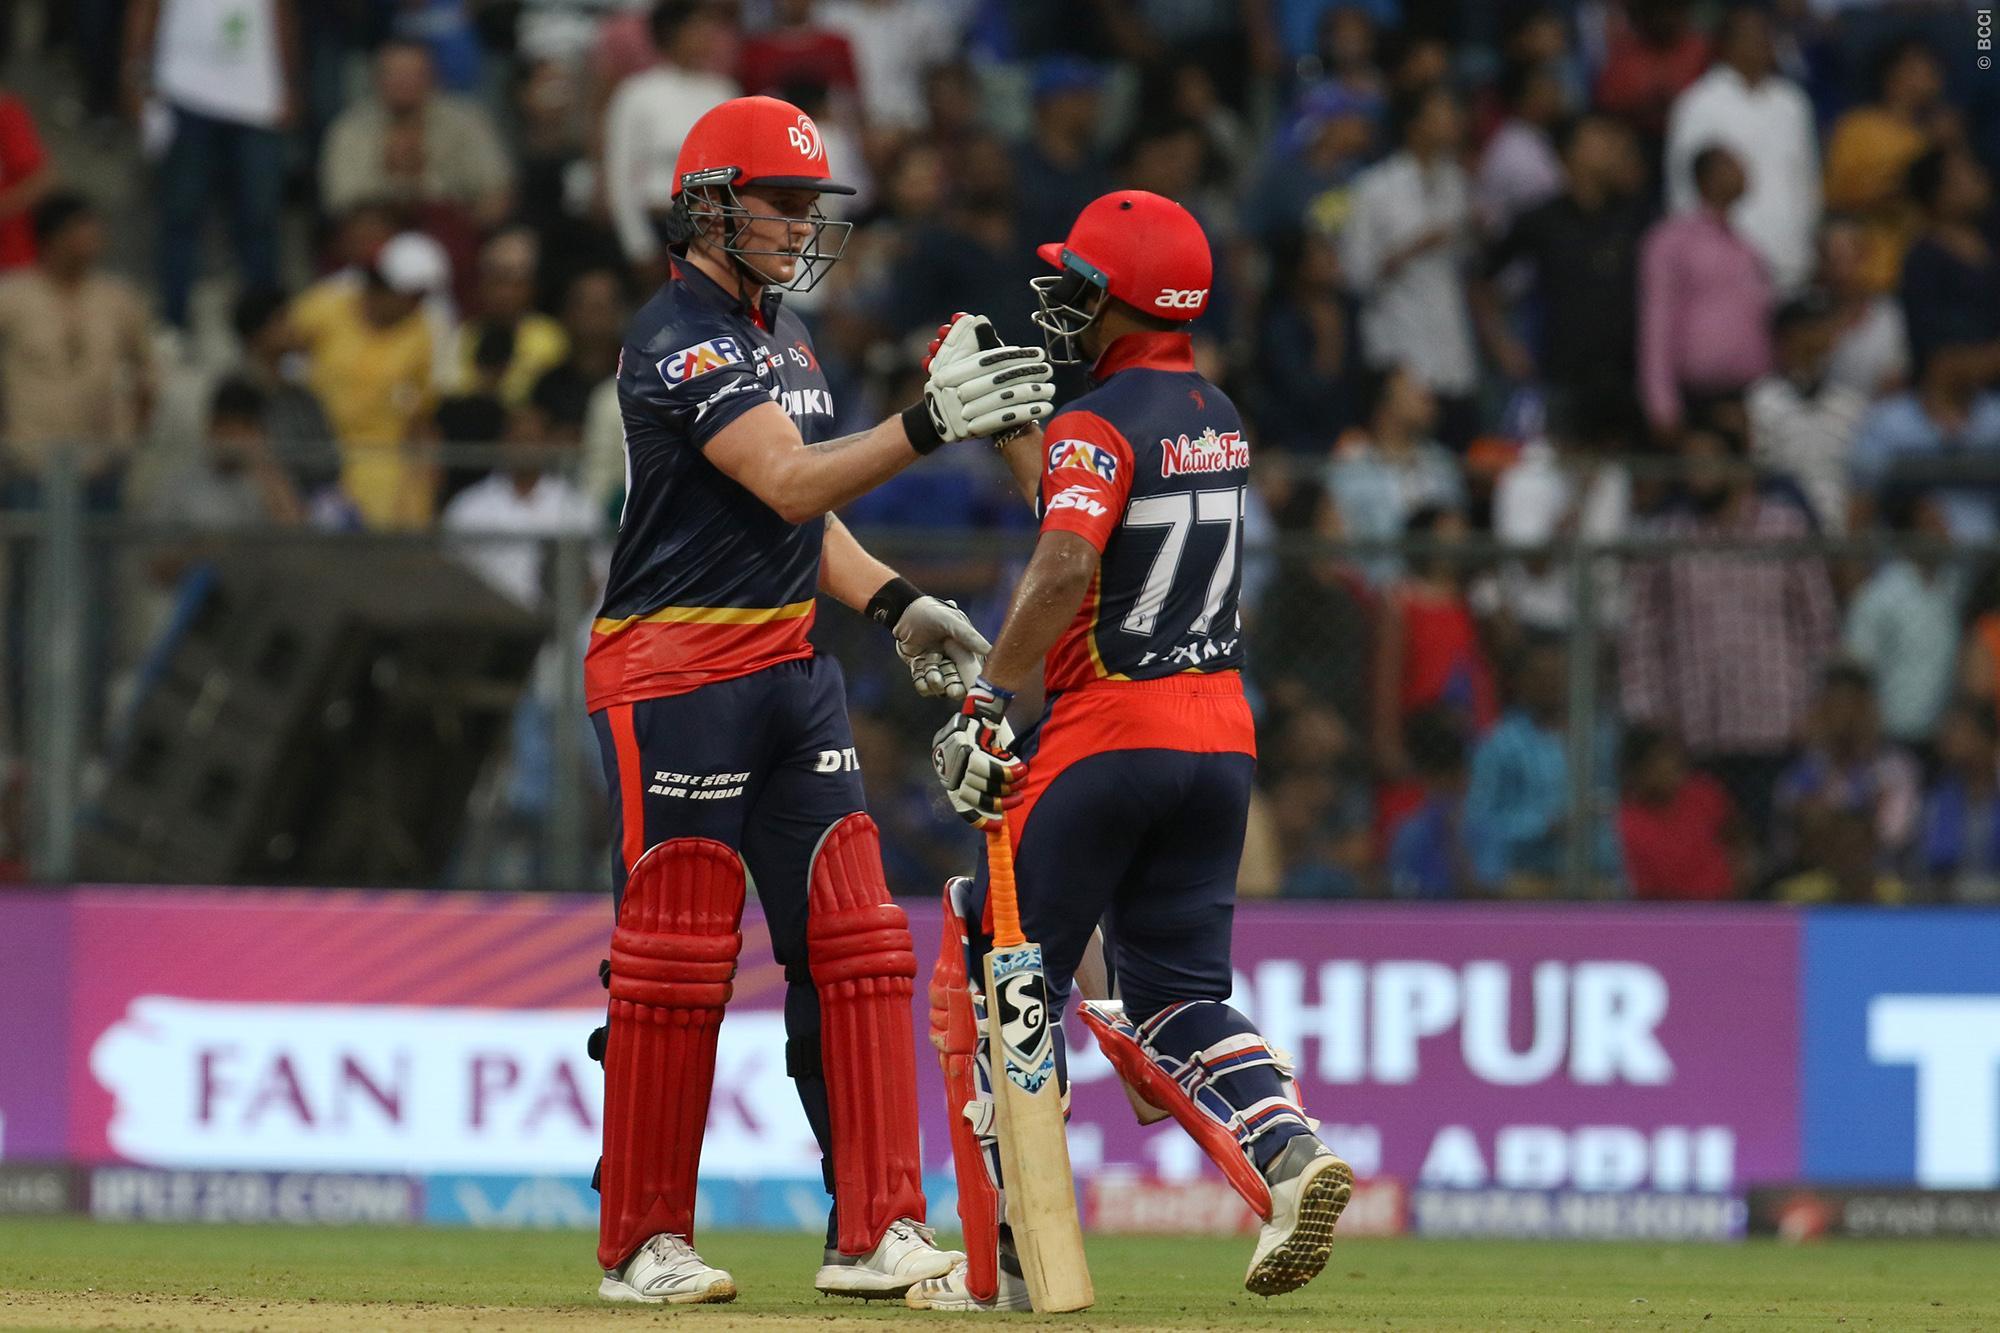 मैच रिपोर्ट: जेसन रॉय के तूफ़ान में उड़ी मुंबई, दिल्ली ने रोमांचक मुकाबले में 7 विकेट से दी करारी शिकस्त